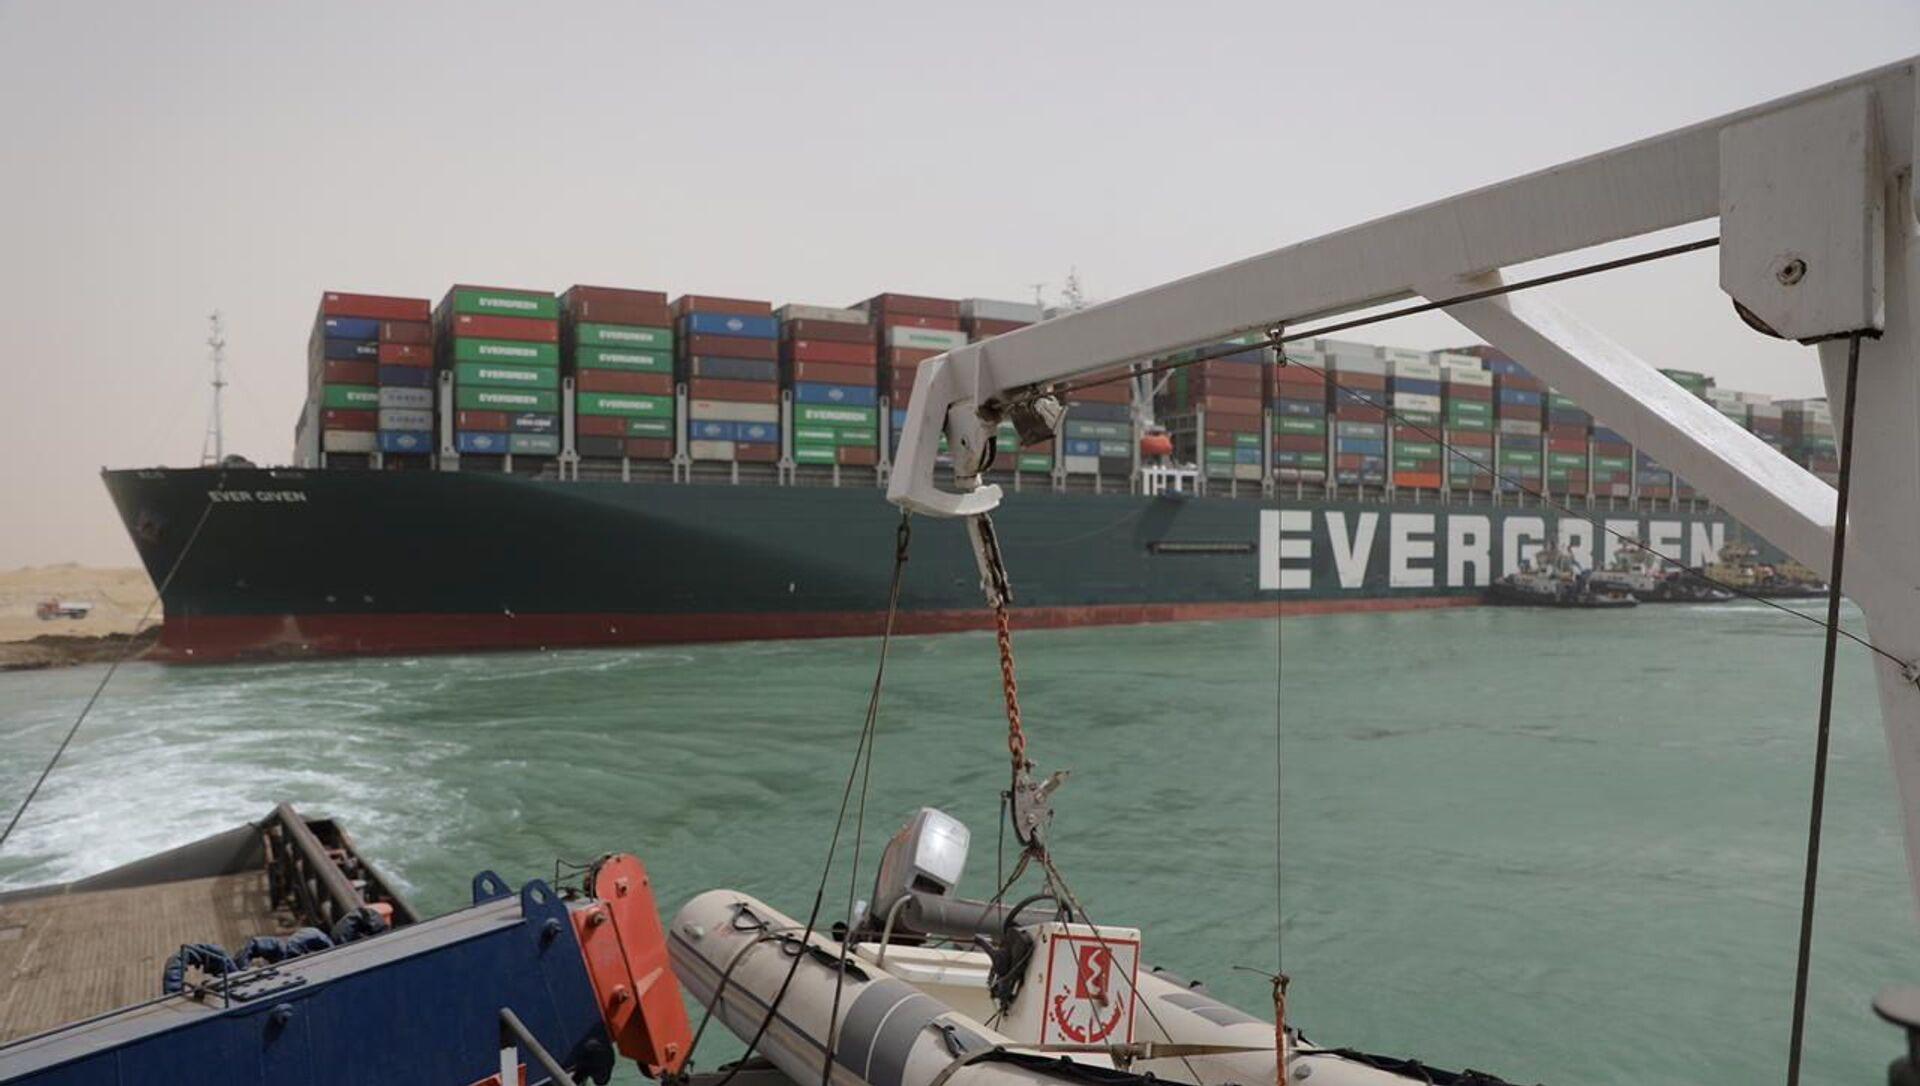 La nave cargo Ever Given arenata sul Canale di Suez - Sputnik Italia, 1920, 27.03.2021